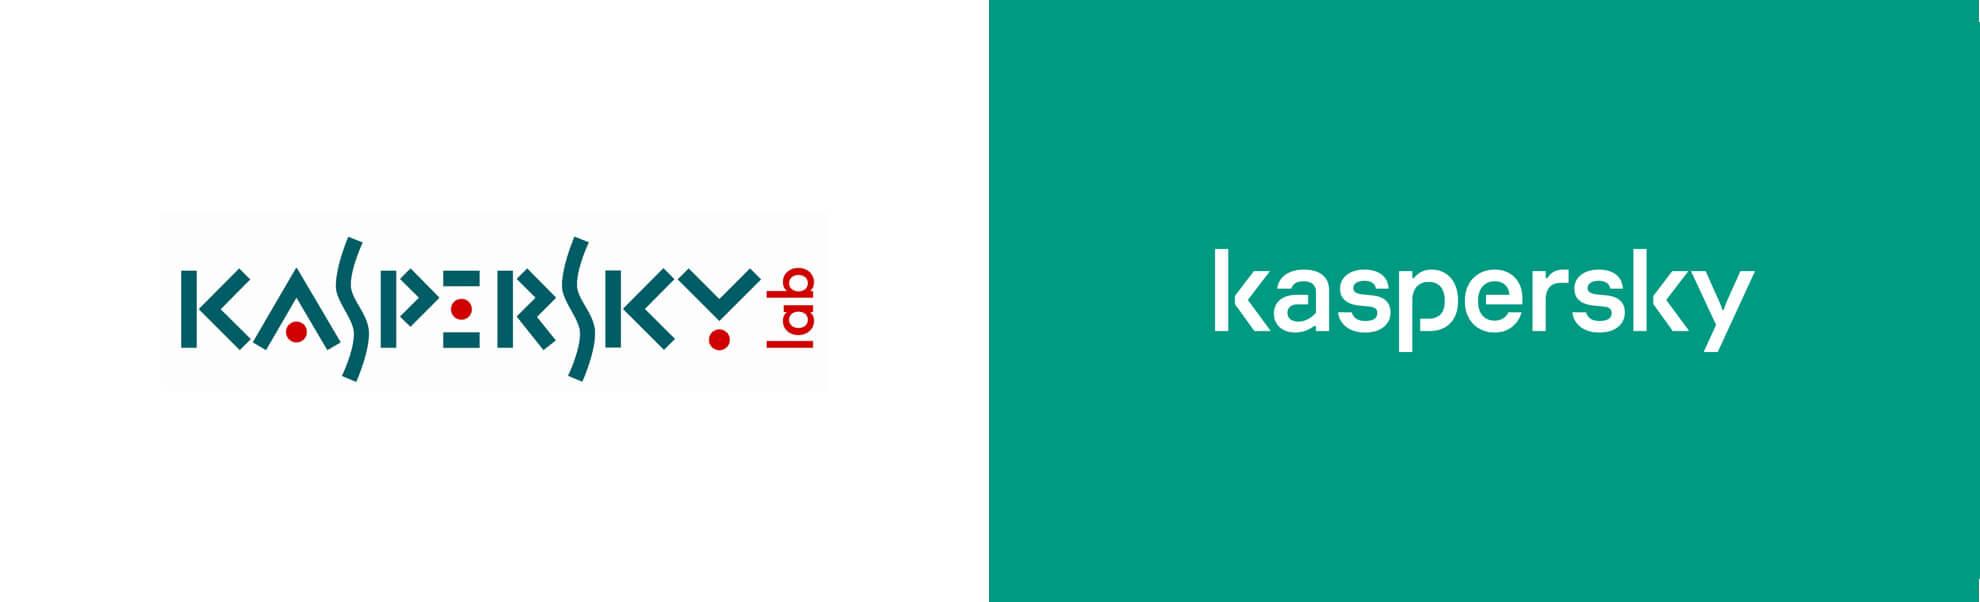 Kaspersky nowe istare logo